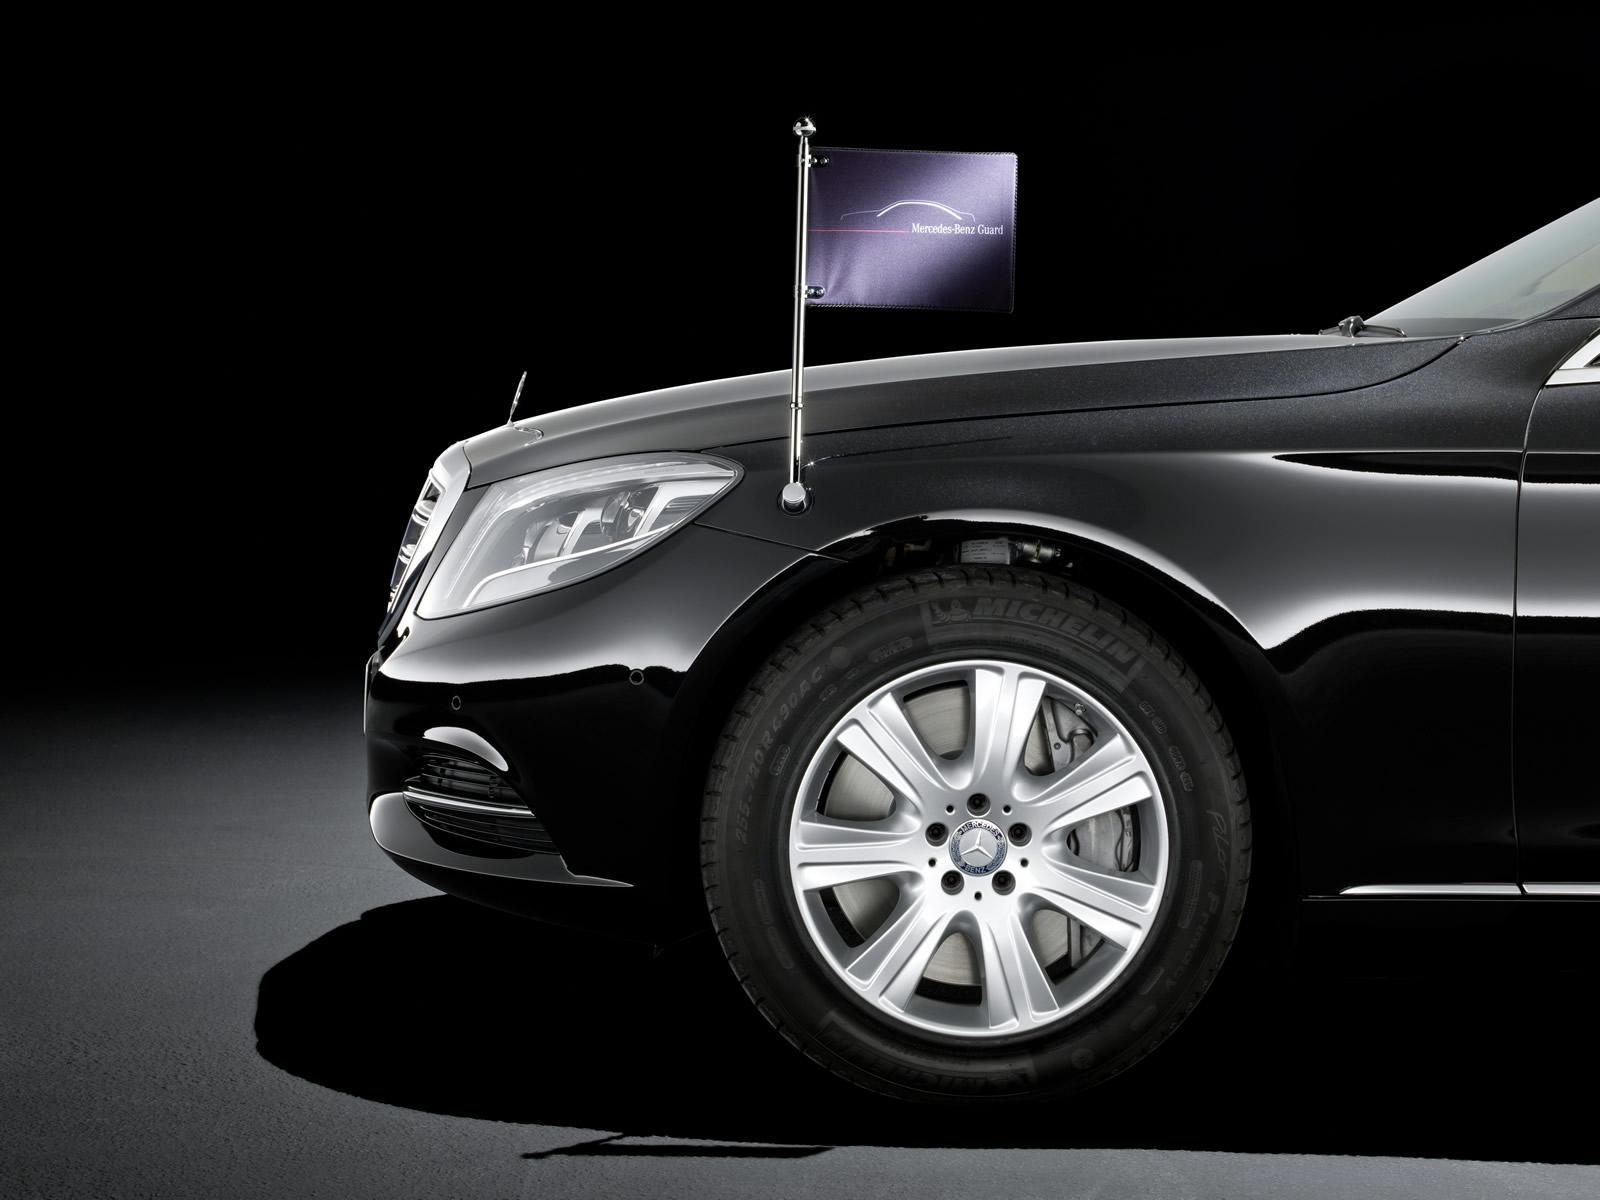 2015 mercedes benz s600 guard resmi olarak duyuruldu for Mercedes benz guard